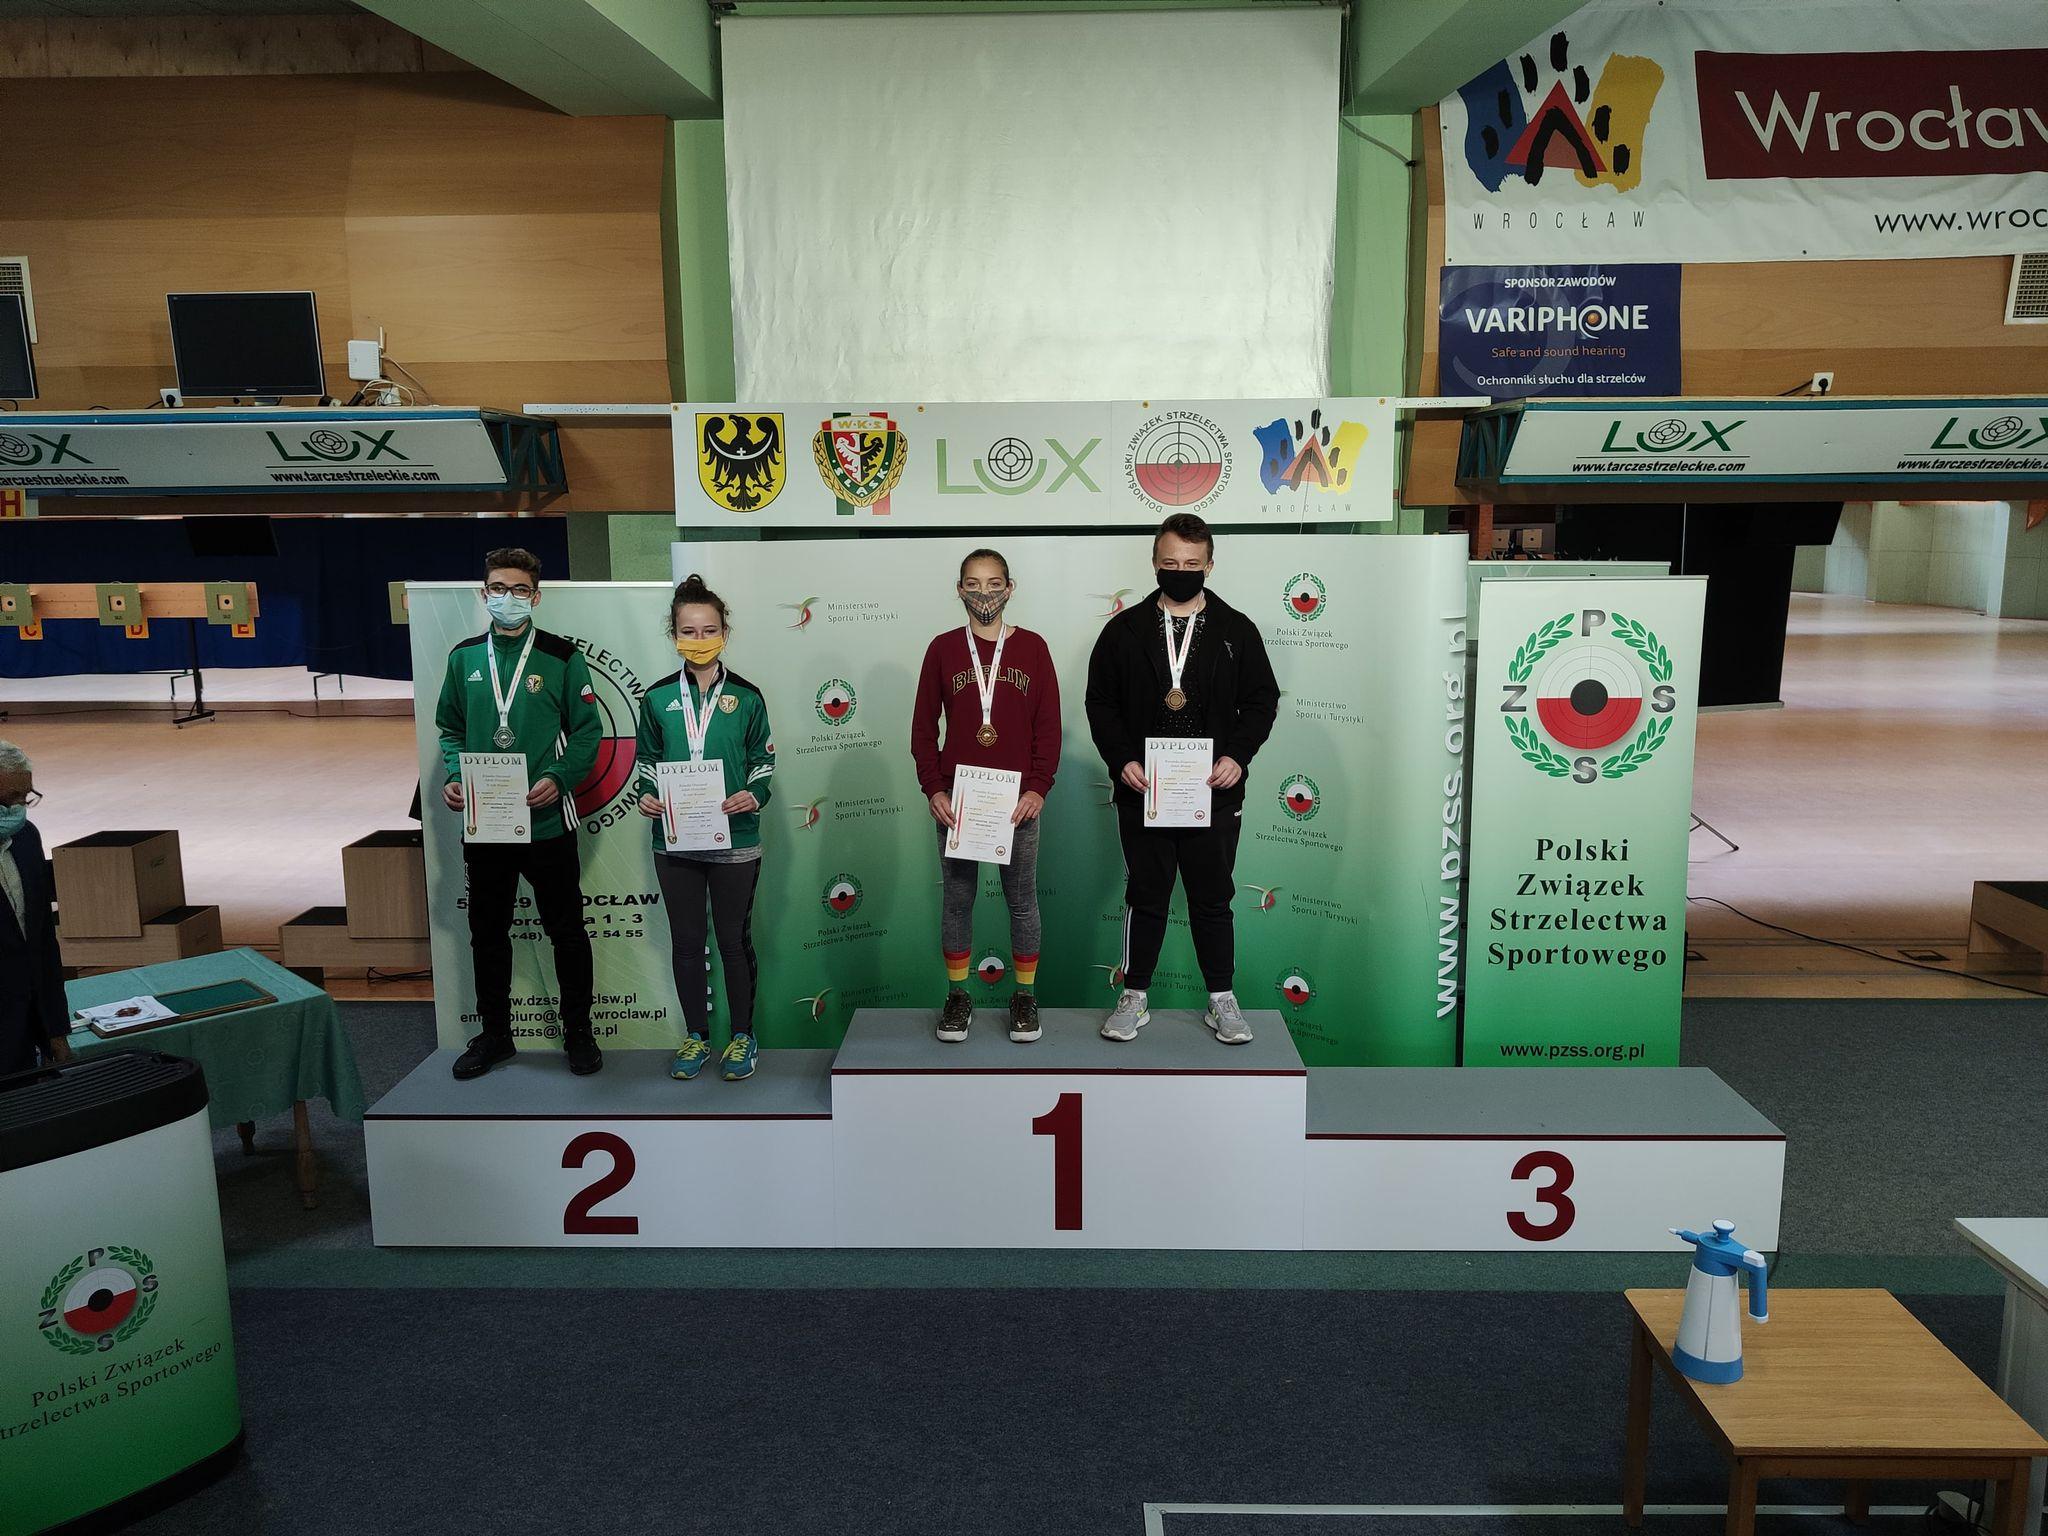 Jakub Bratek z Oświęcimia wraz z Weroniką Krajewską sięgnęli po złote medale mistrzostw Polski młodzików w konkurencji Ppn mix. Fot. zbiory LOK Oświęcim/nadesłane